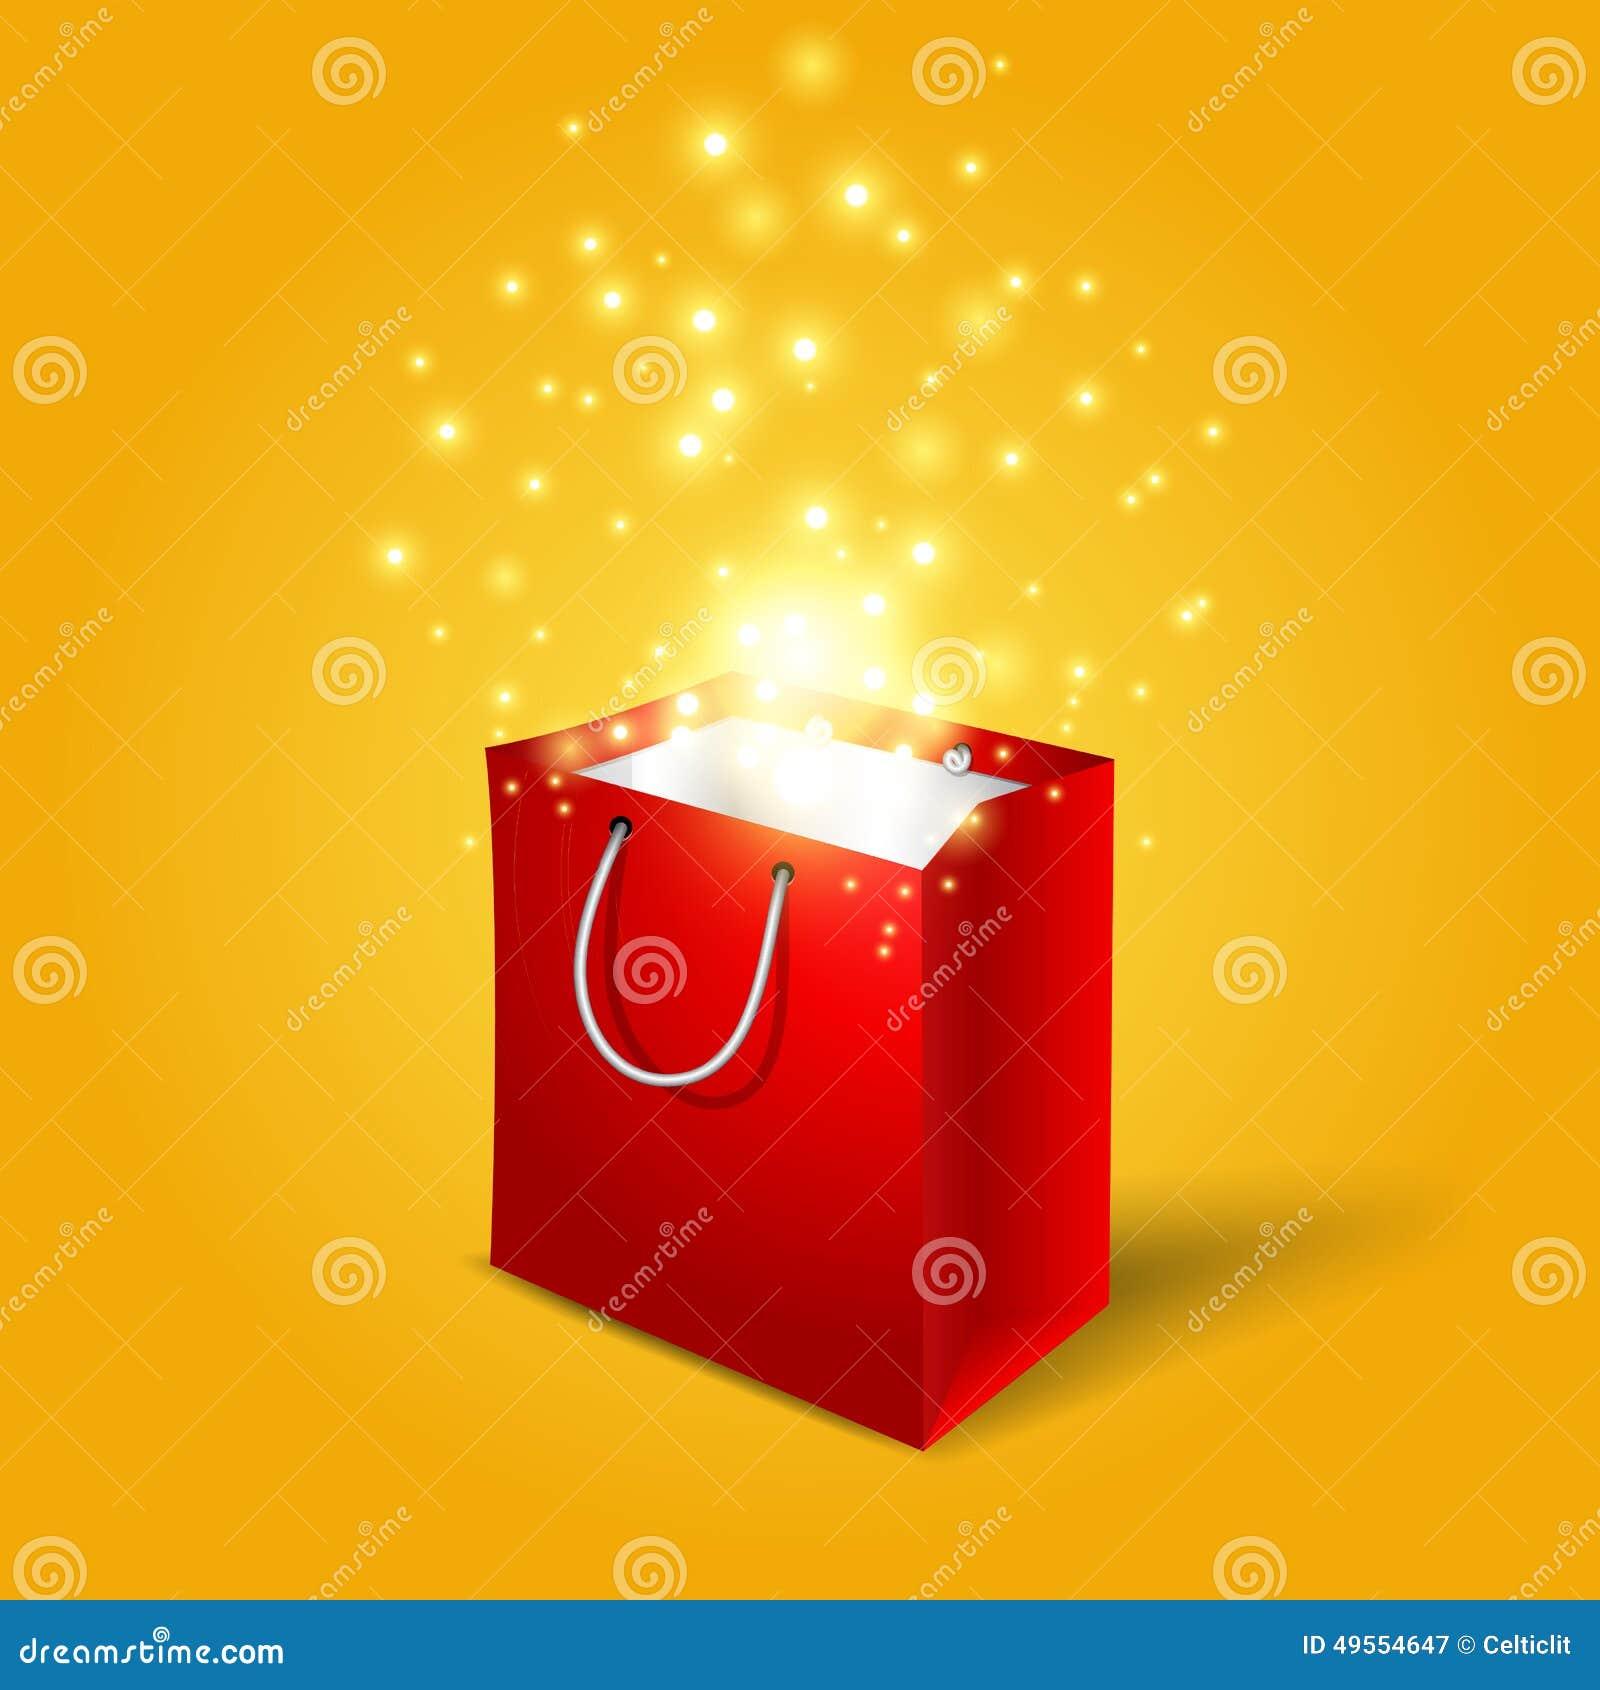 Rote Einkaufstasche mit magischen hellen Feuerwerken von